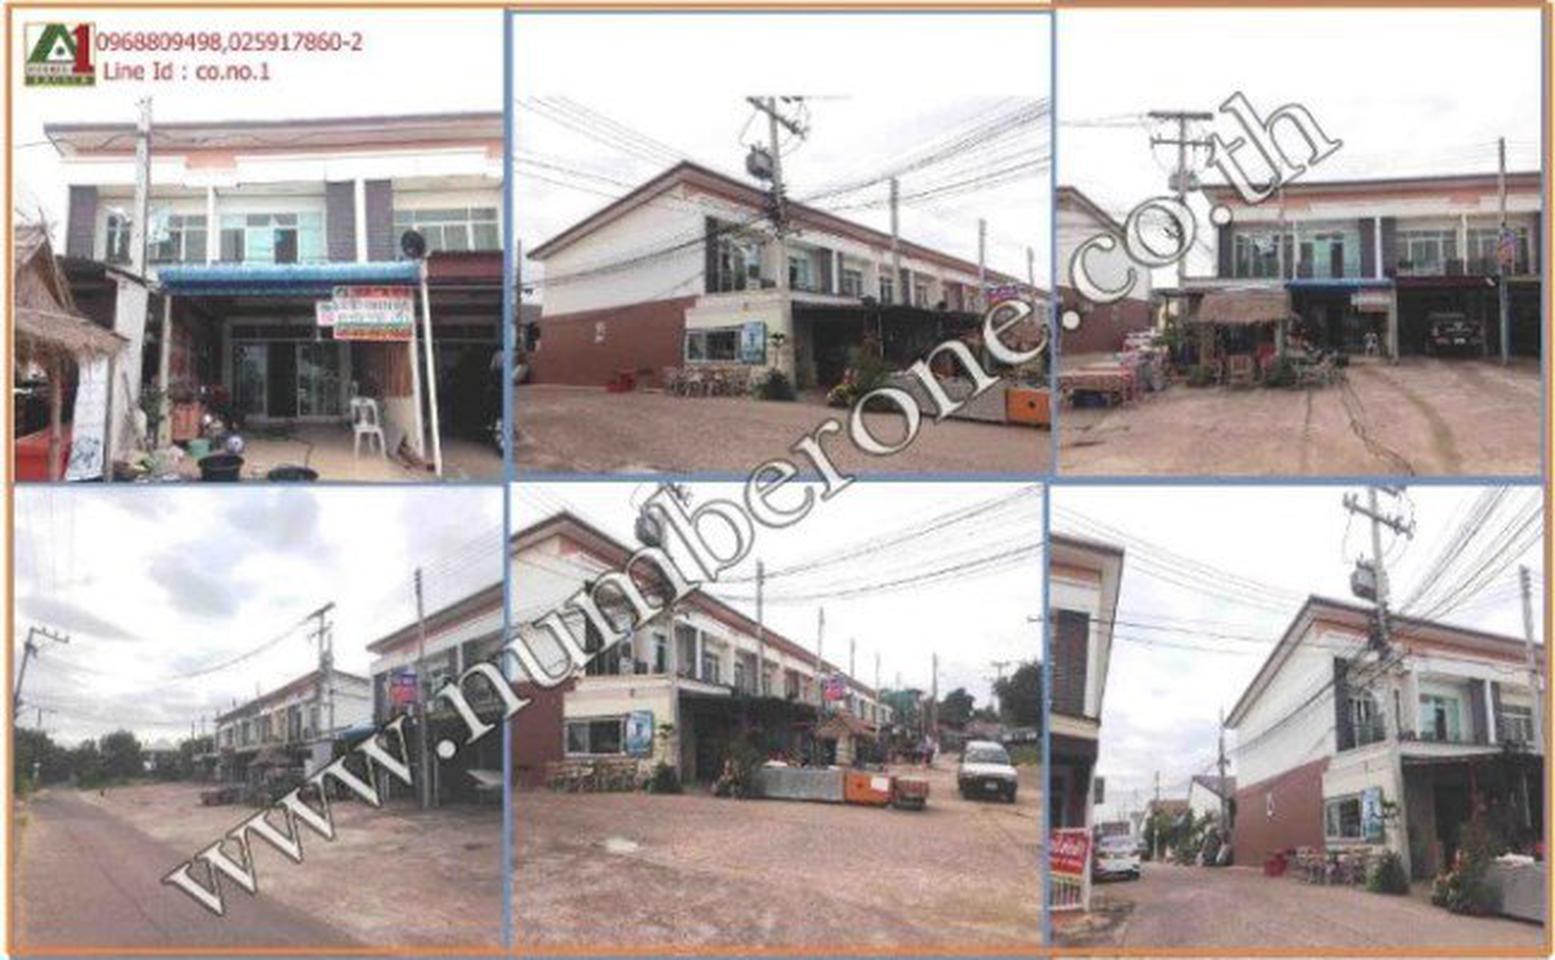 ขายด่วนอาคารพาณิชย์ ติดถนนค้อน้อย  อำเภอเมือง จังหวัดมหาสารคาม รูปที่ 1